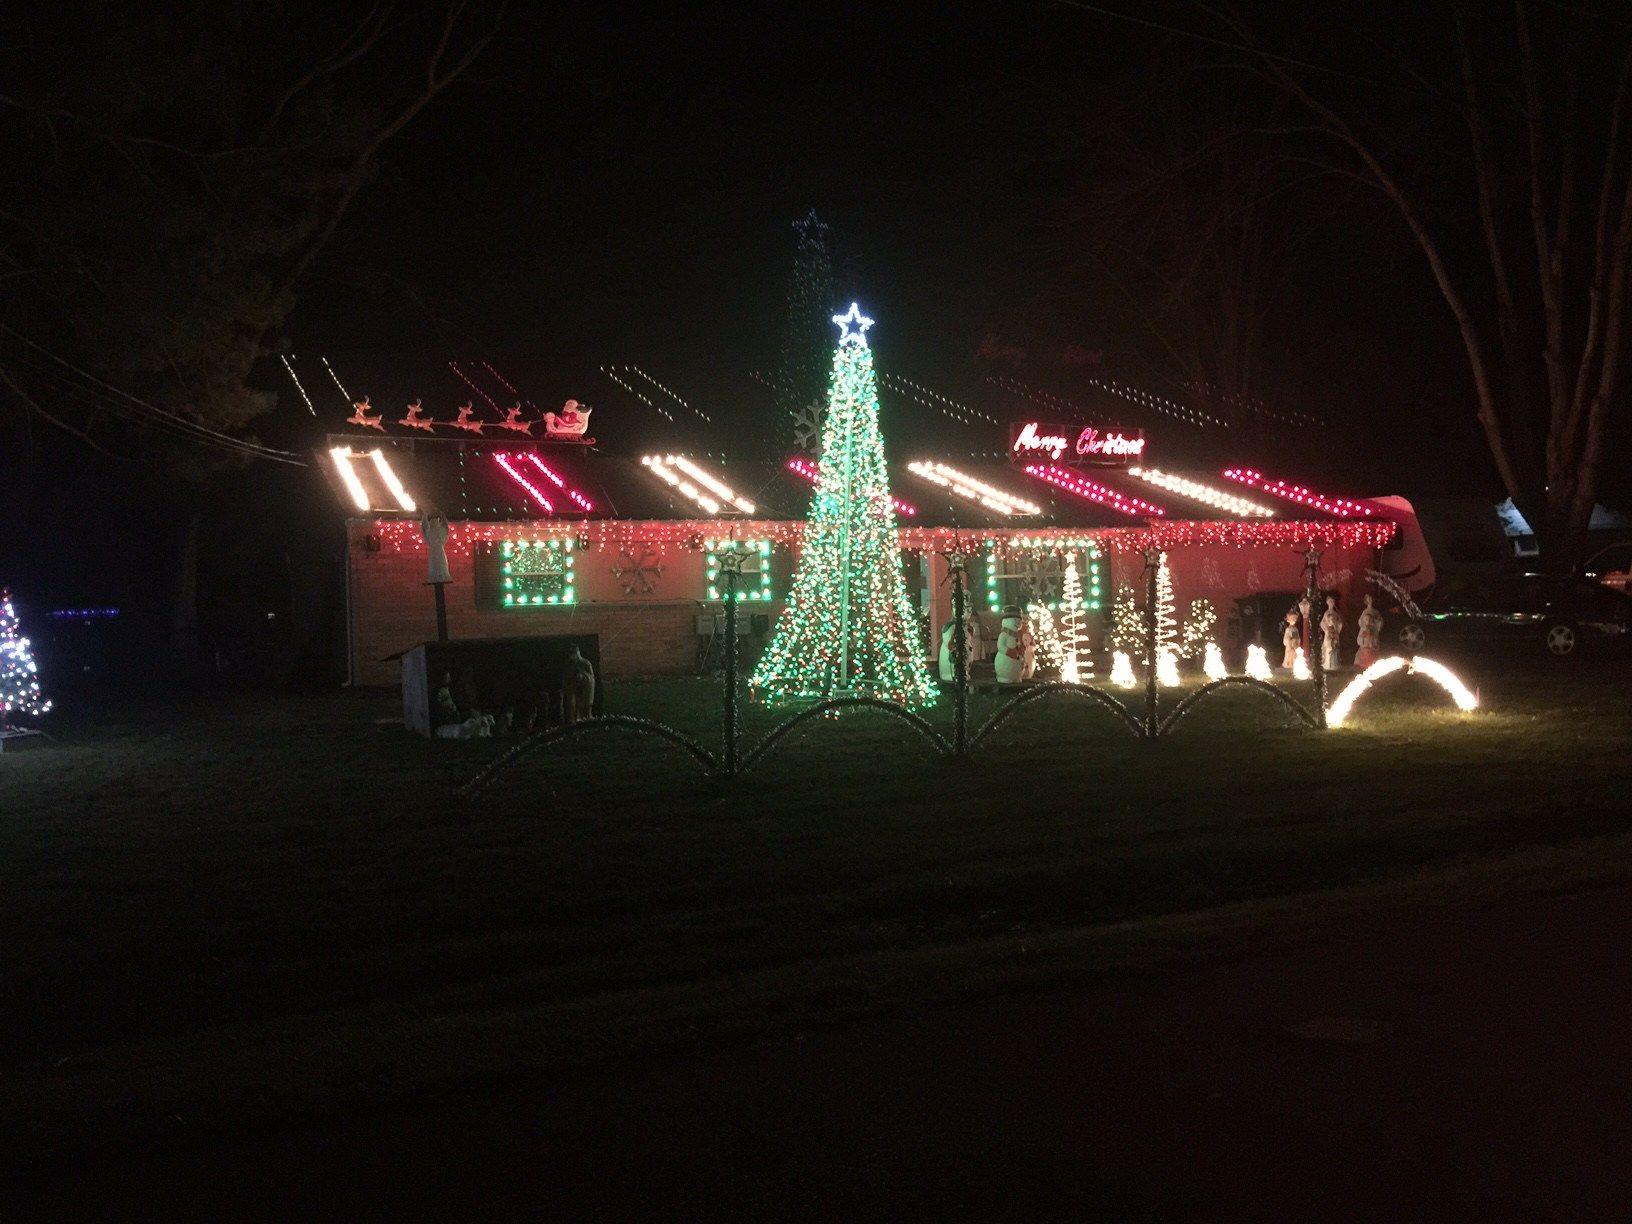 Milford Ohio Christmas Light Display Cincinnati Christmas Light Installation Christmas Light Displays Christmas Light Installation Light Display